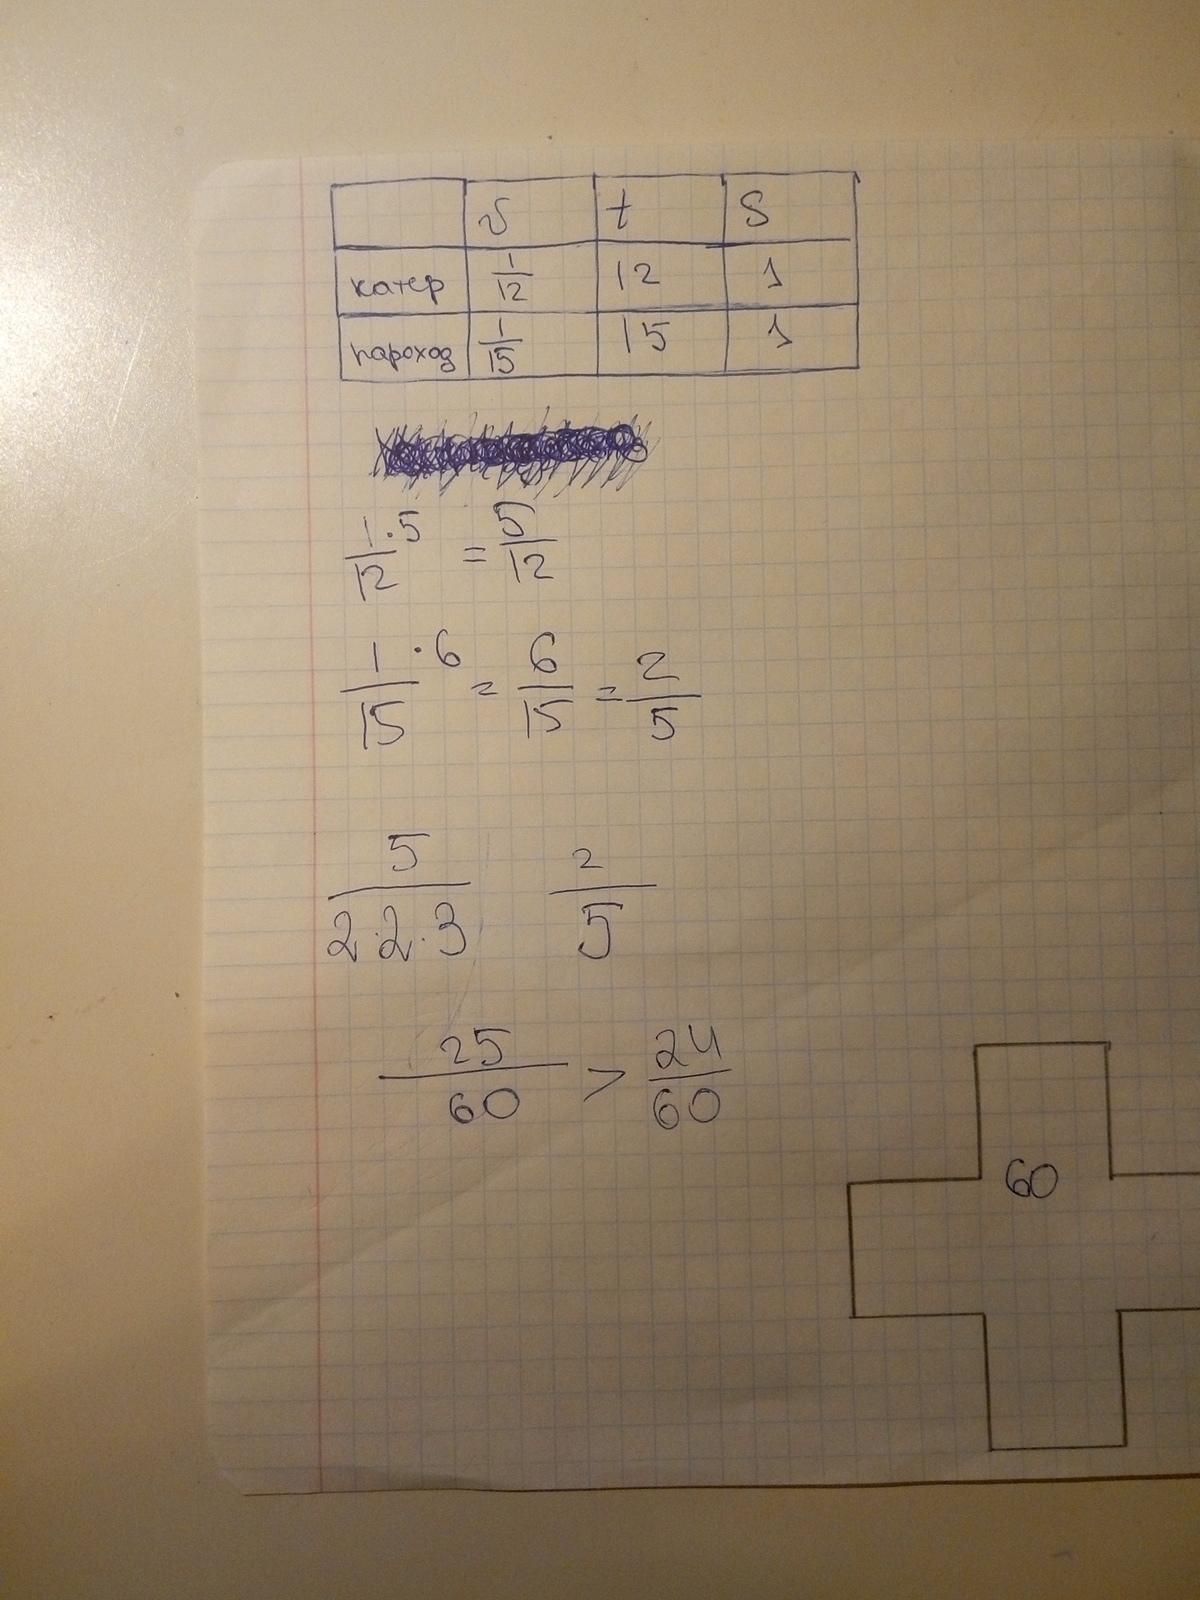 В2<br>Р=40 см<br>а=8 целых 3/7 см<br>b=13 целых 16/21 см<br>